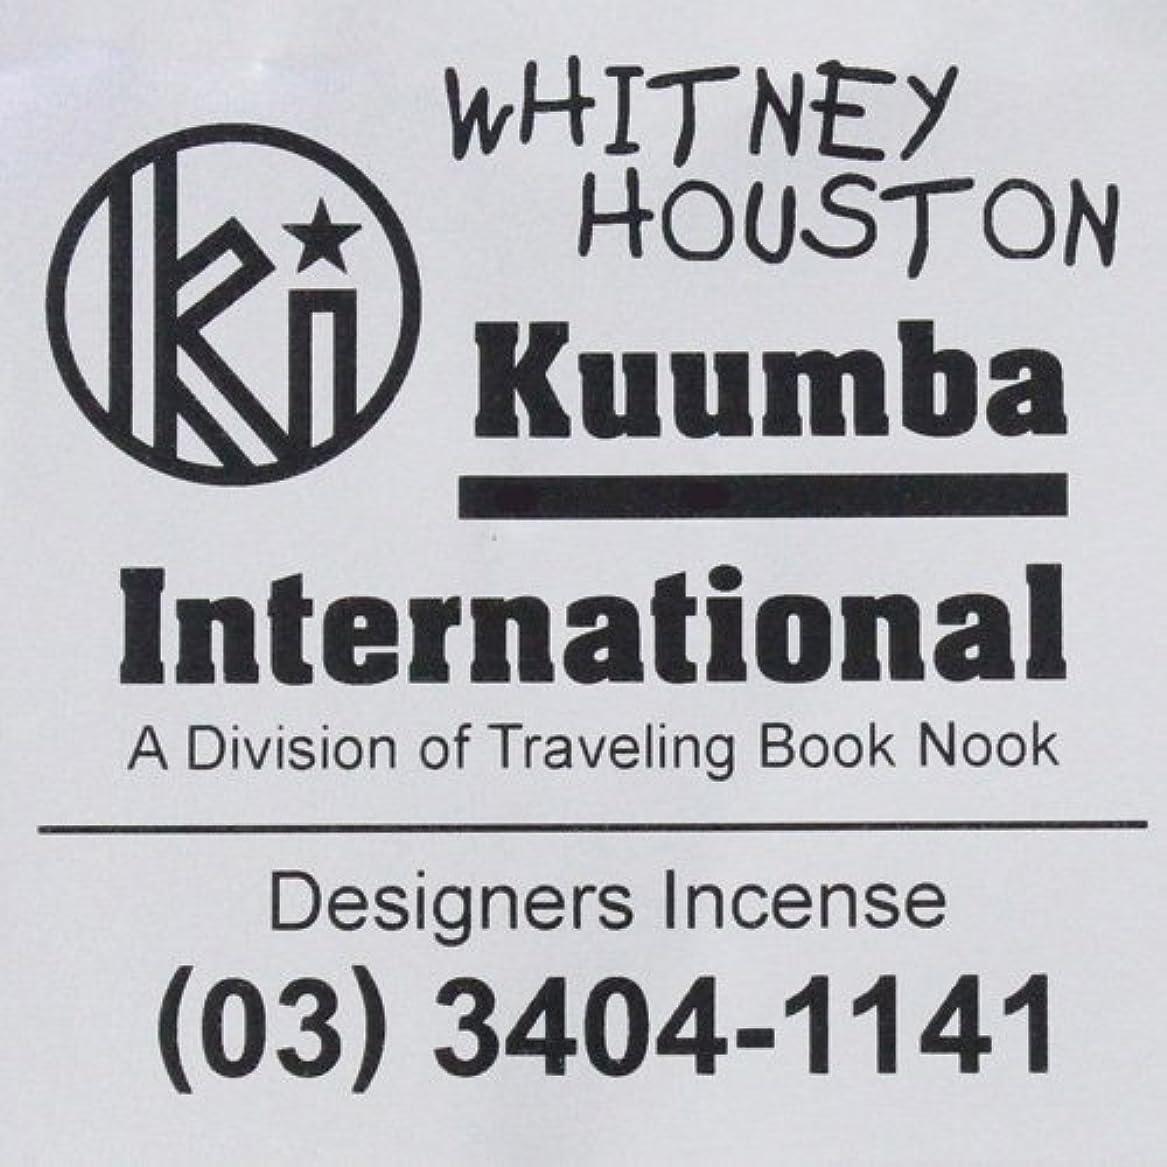 おんどり共同選択ナチュラルKUUMBA (クンバ)『incense』(WHITNEY HOUSTON) (Regular size)